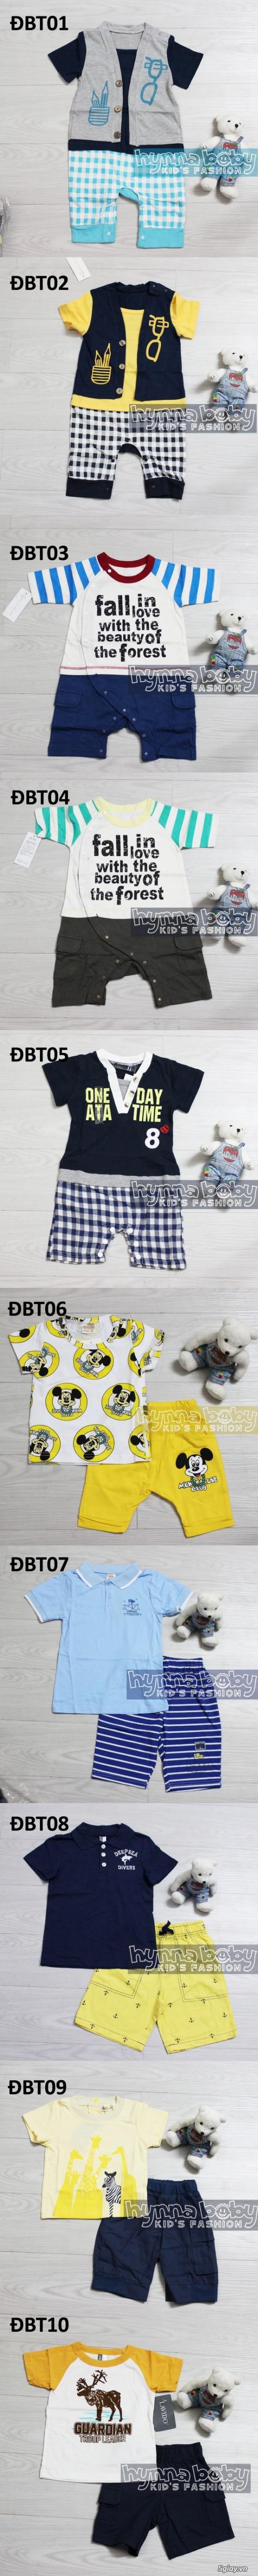 Shop Hynna Baby Sỉ và Lẻ quần áo và phụ kiện trẻ em, giày dép, nón, balô, kẹp tóc - 10